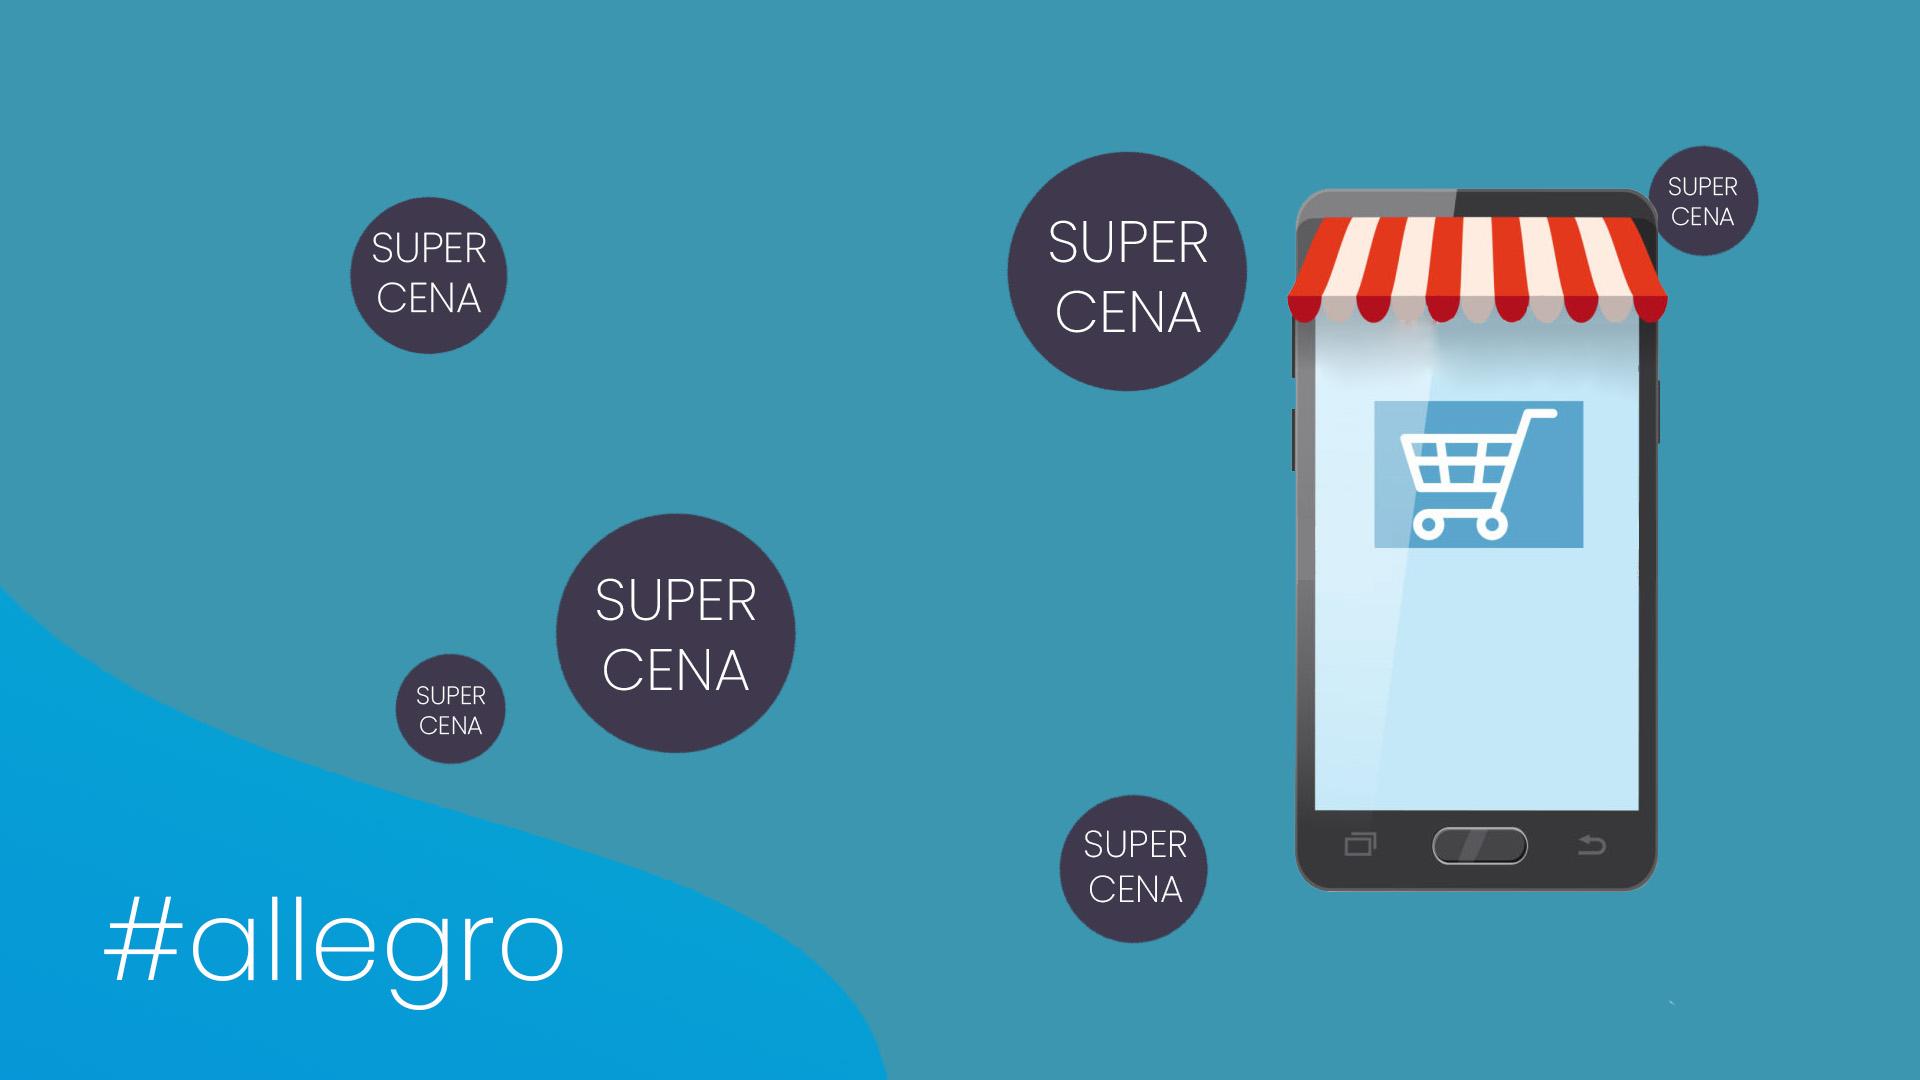 Super Cena Allegro